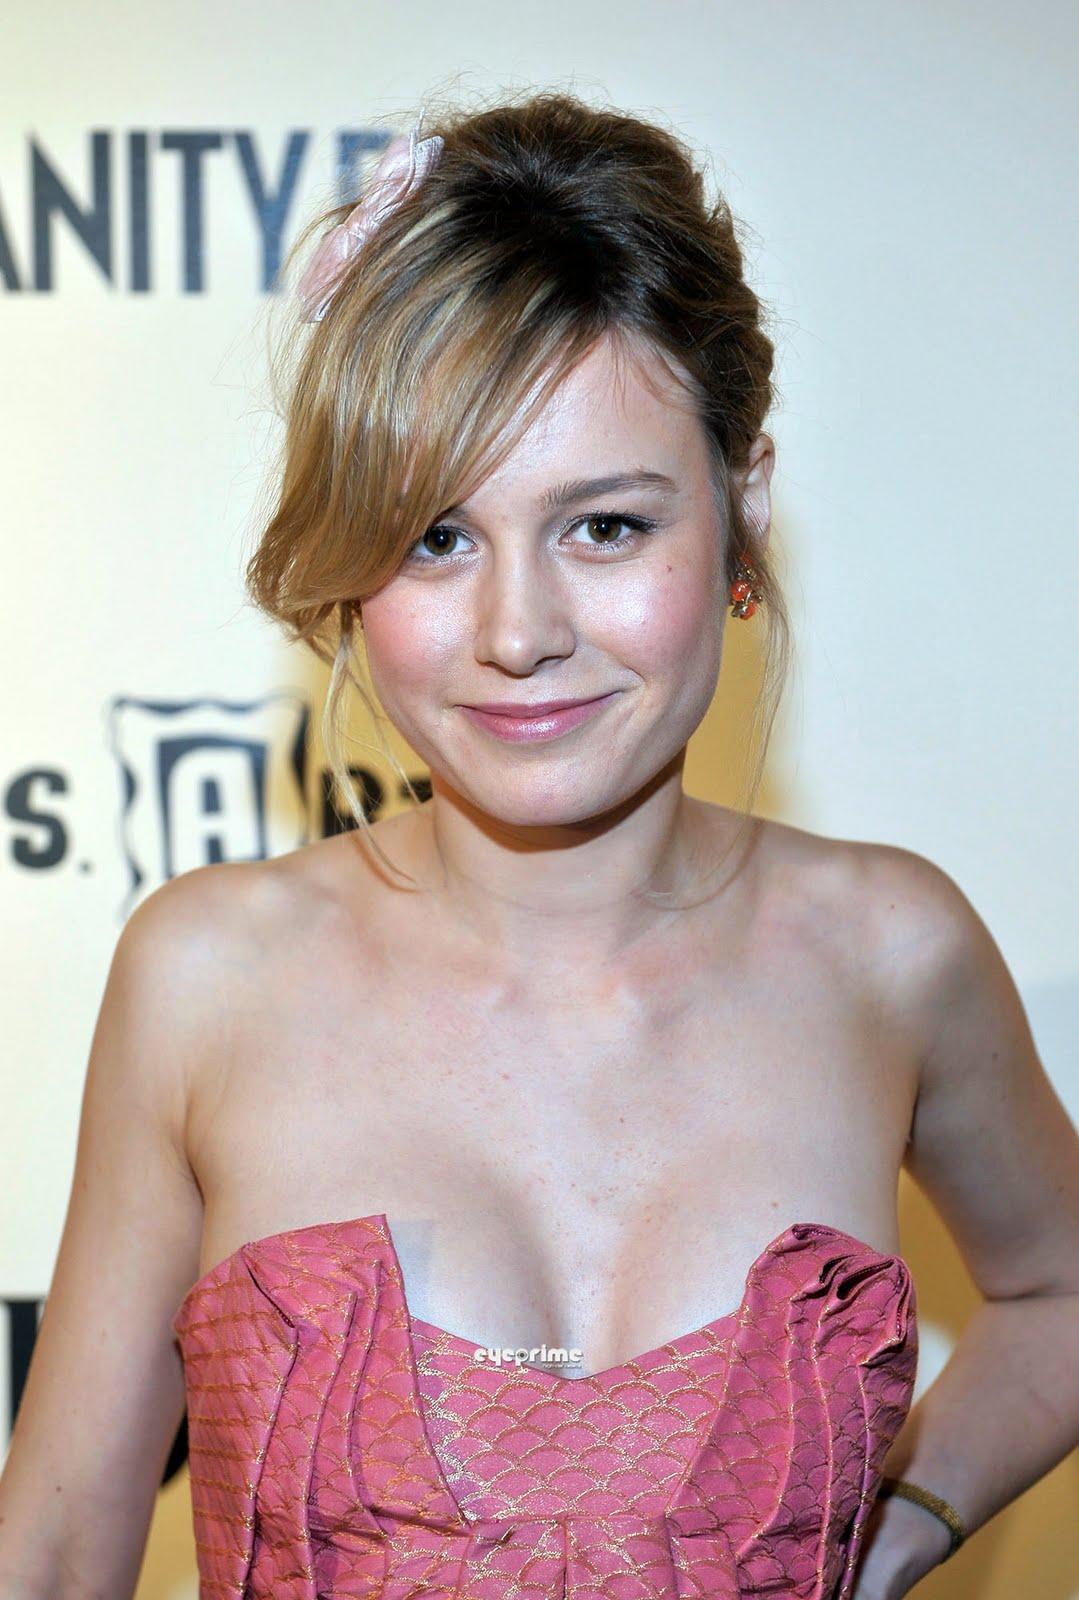 Brie Larson - Images